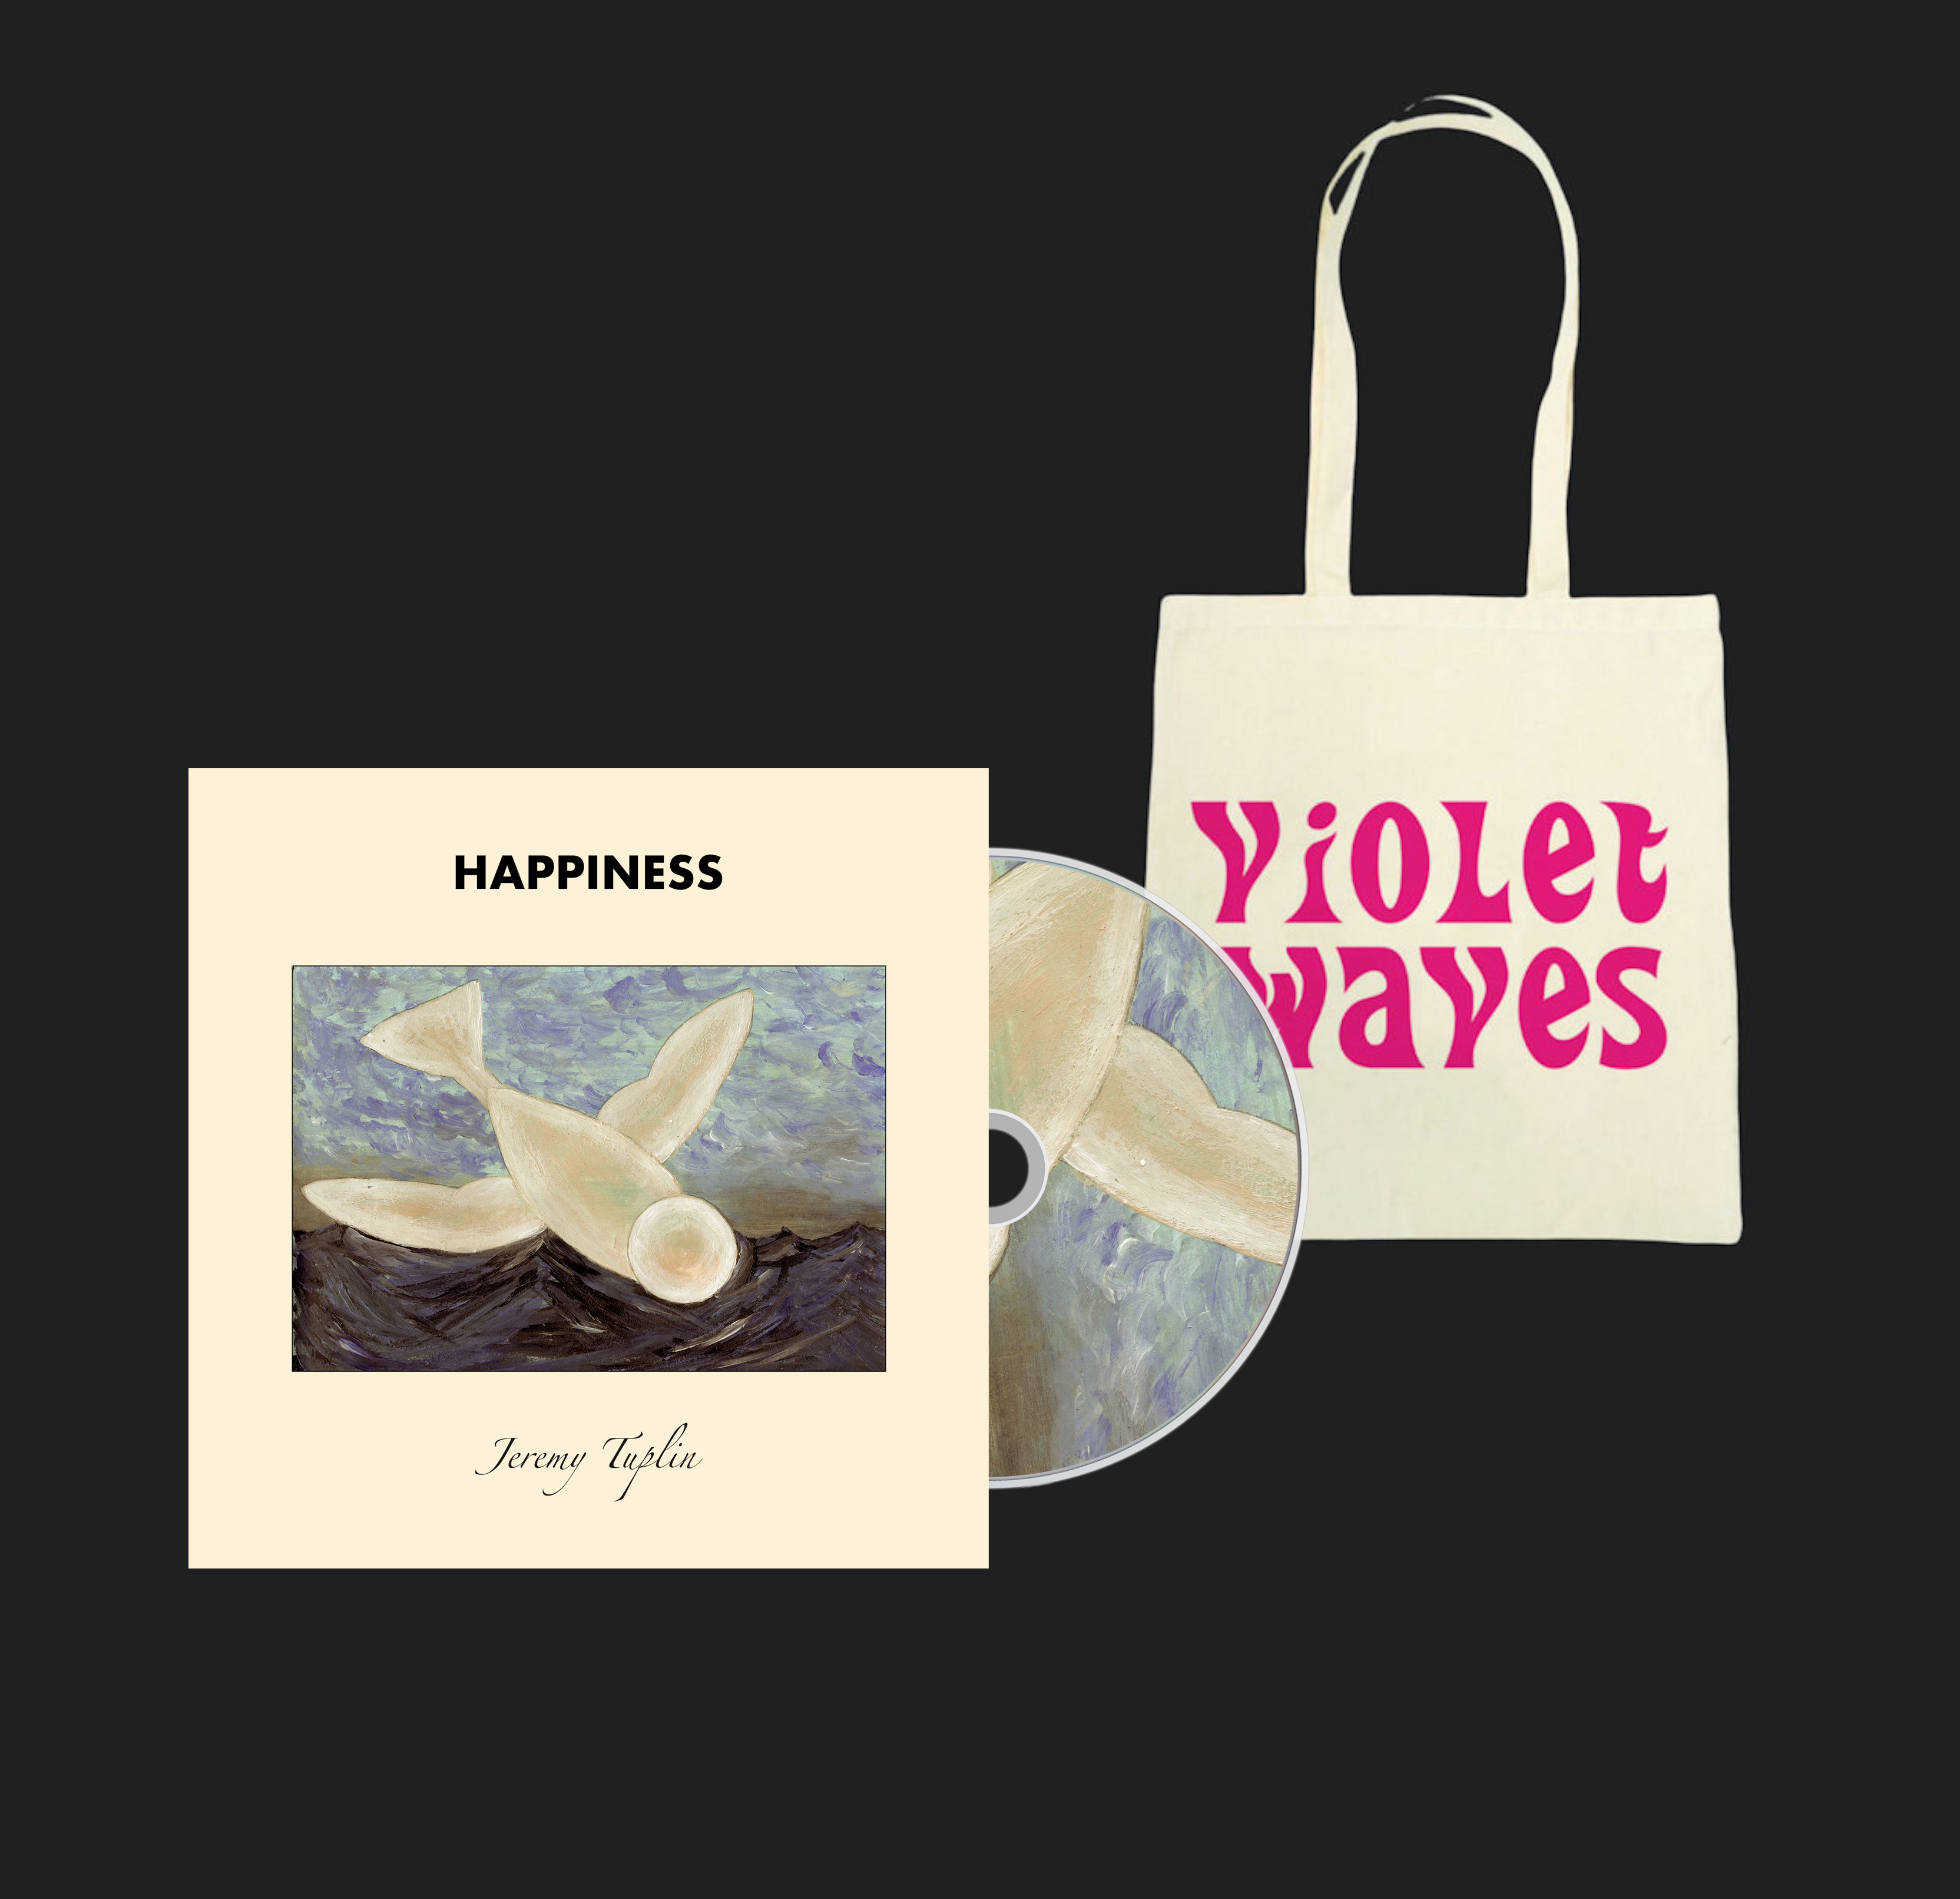 Happiness EP - Jeremy Tuplin